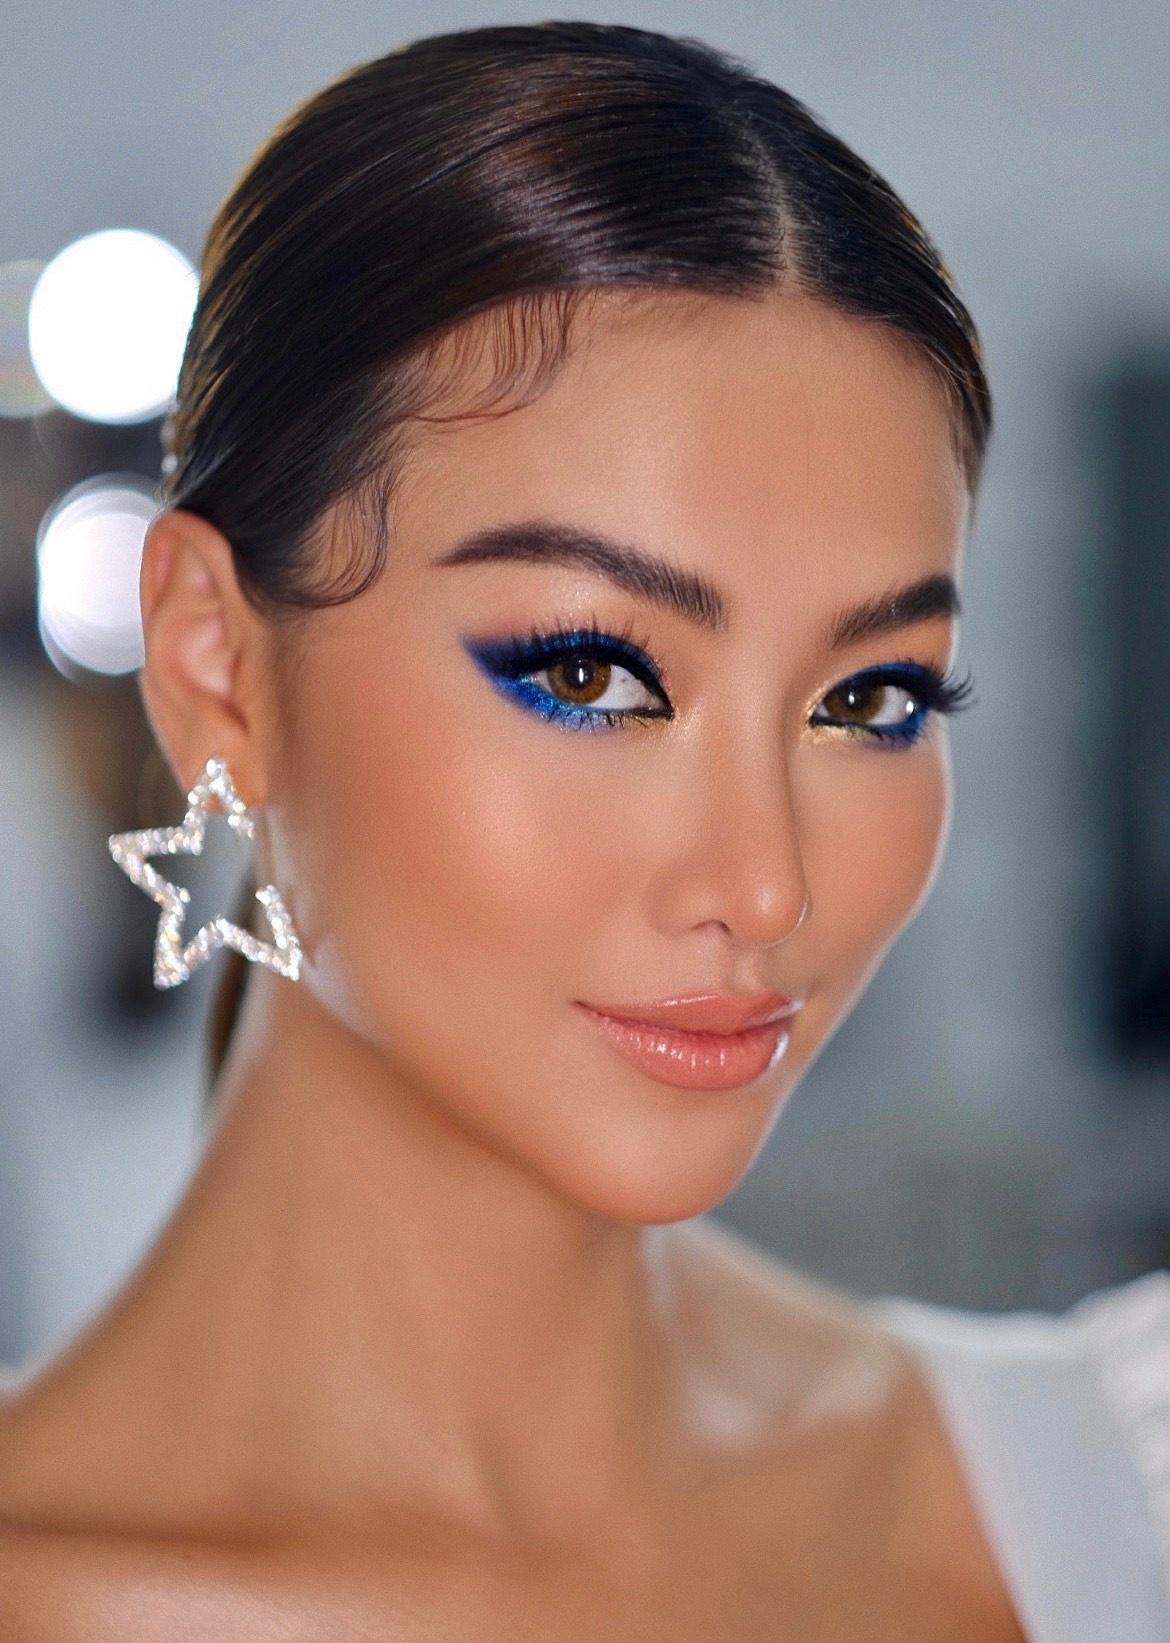 Trong đường viền mắt xanh cổ điển bắt trend xu hướng 2020 tạo nên nét đẹp cá tính nhưng không kém phần lung linh cho Phương Khánh.